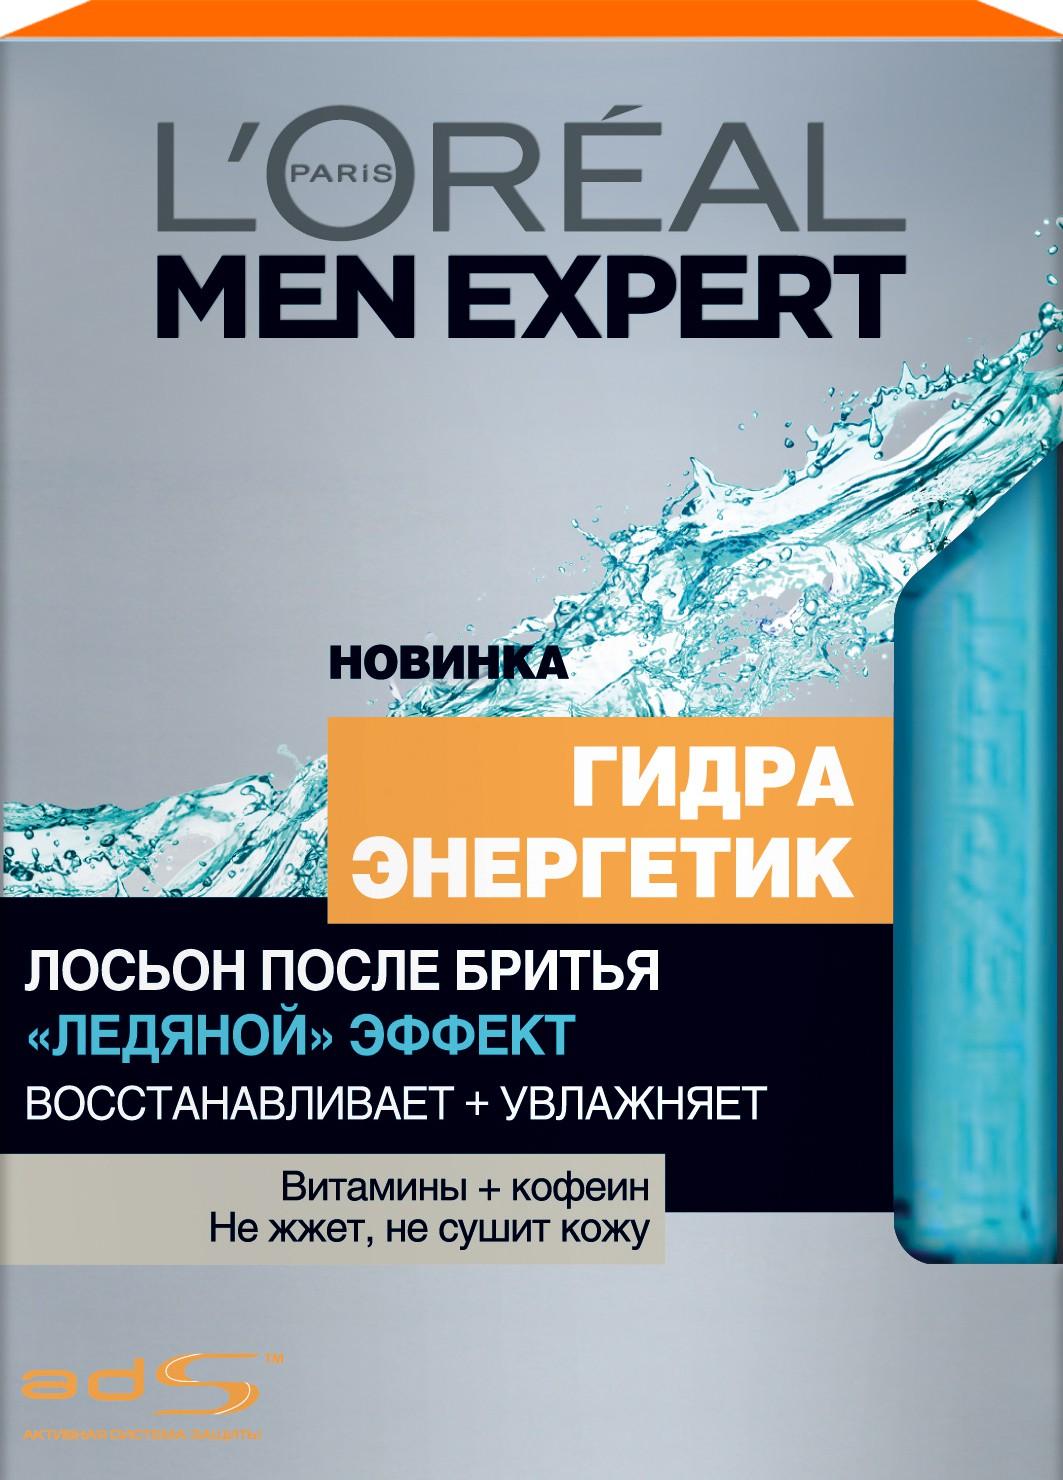 L'Oreal Paris Men Expert Лосьон после бритья Гидра Энергетик, Ледяной эффект, увлажняющий, восстанавливающий, 100 мл